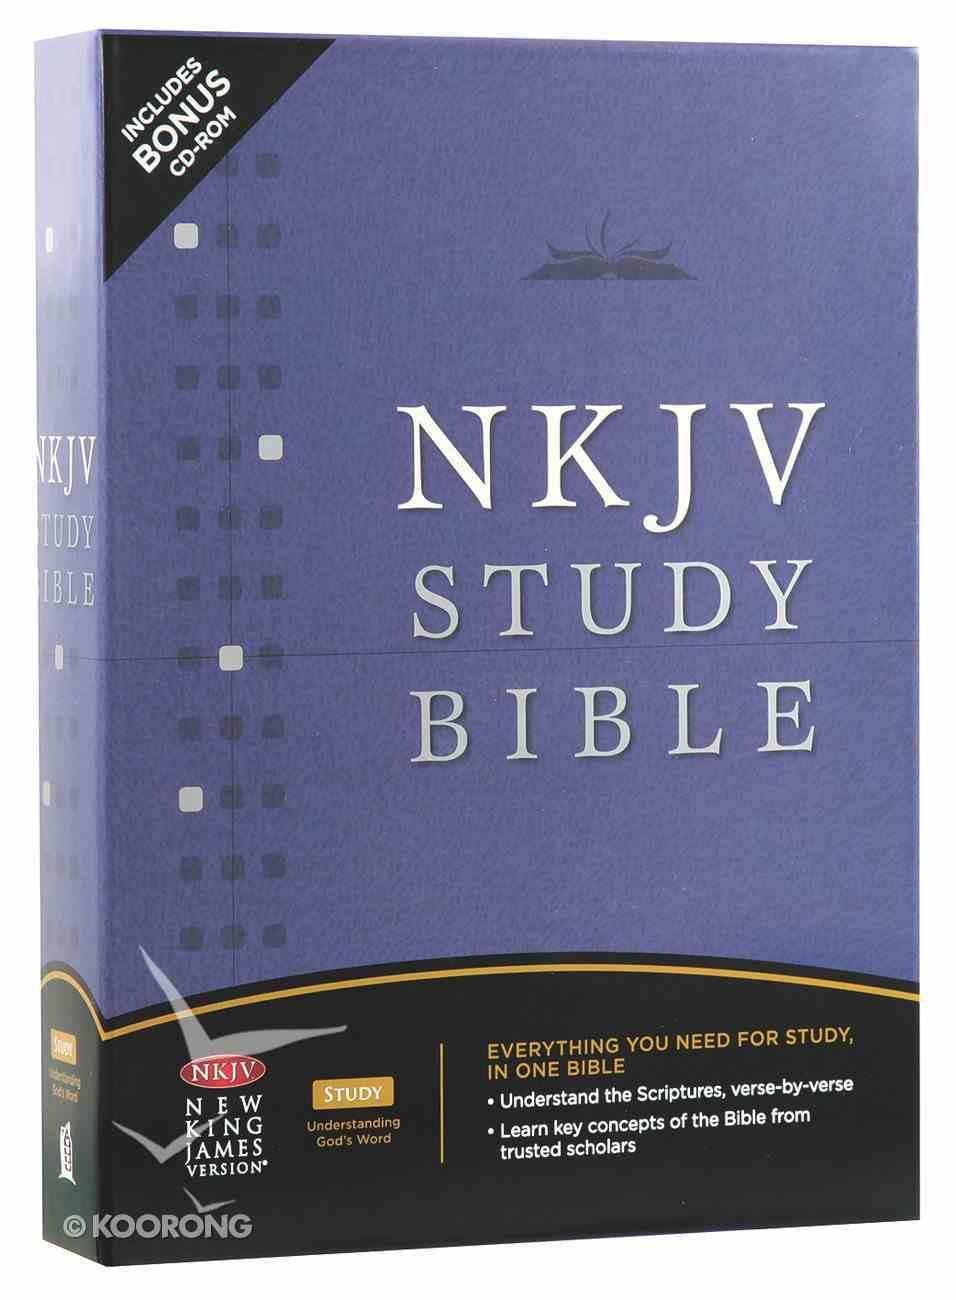 NKJV Study Bible Black 2nd Edition (Black Letter Edition) Bonded Leather